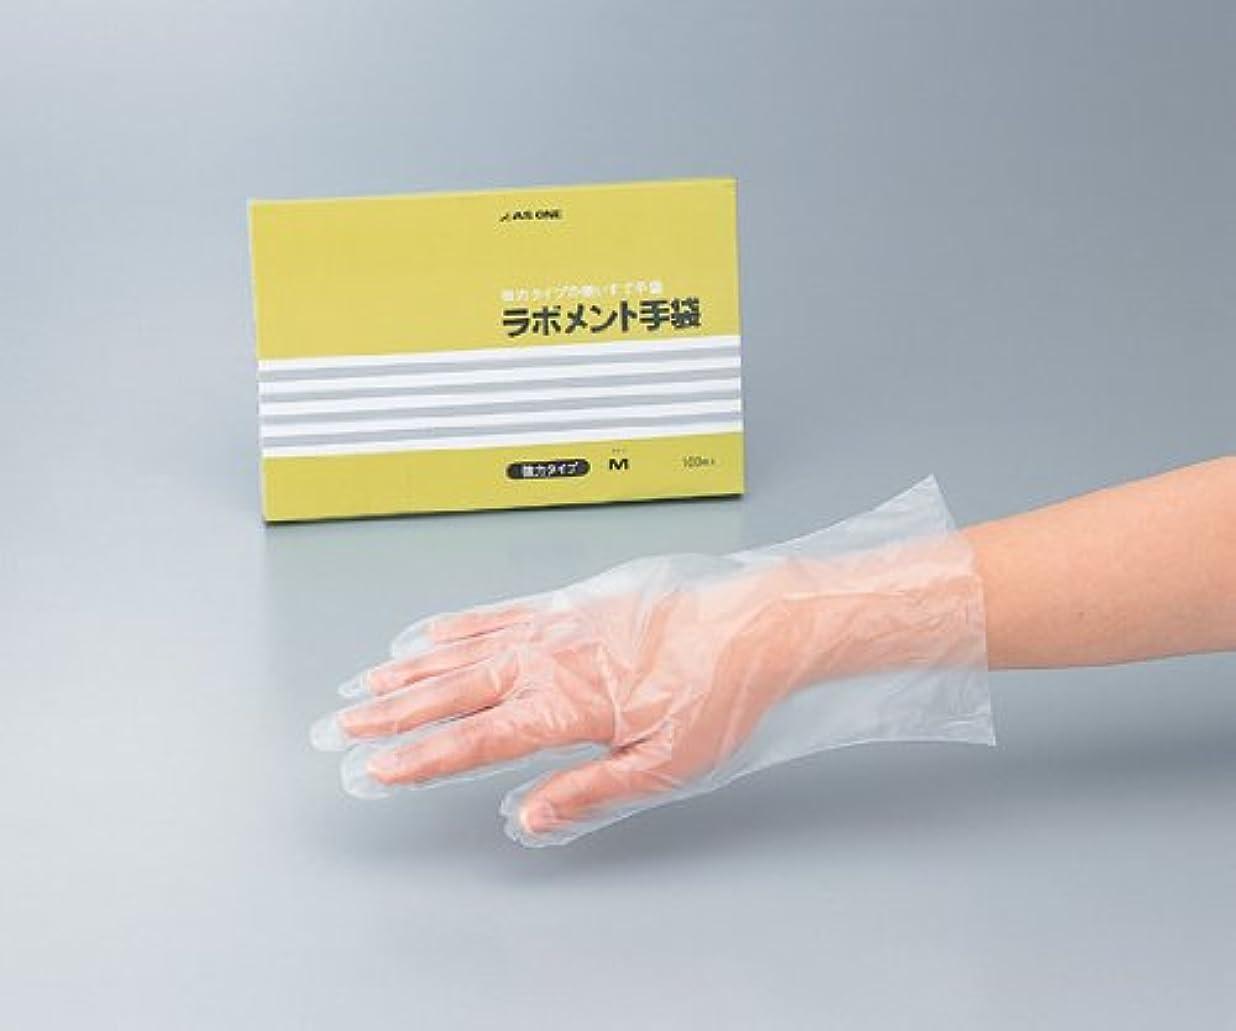 染色に対して重力アズワン6-897-02ラボメント手袋M100枚入